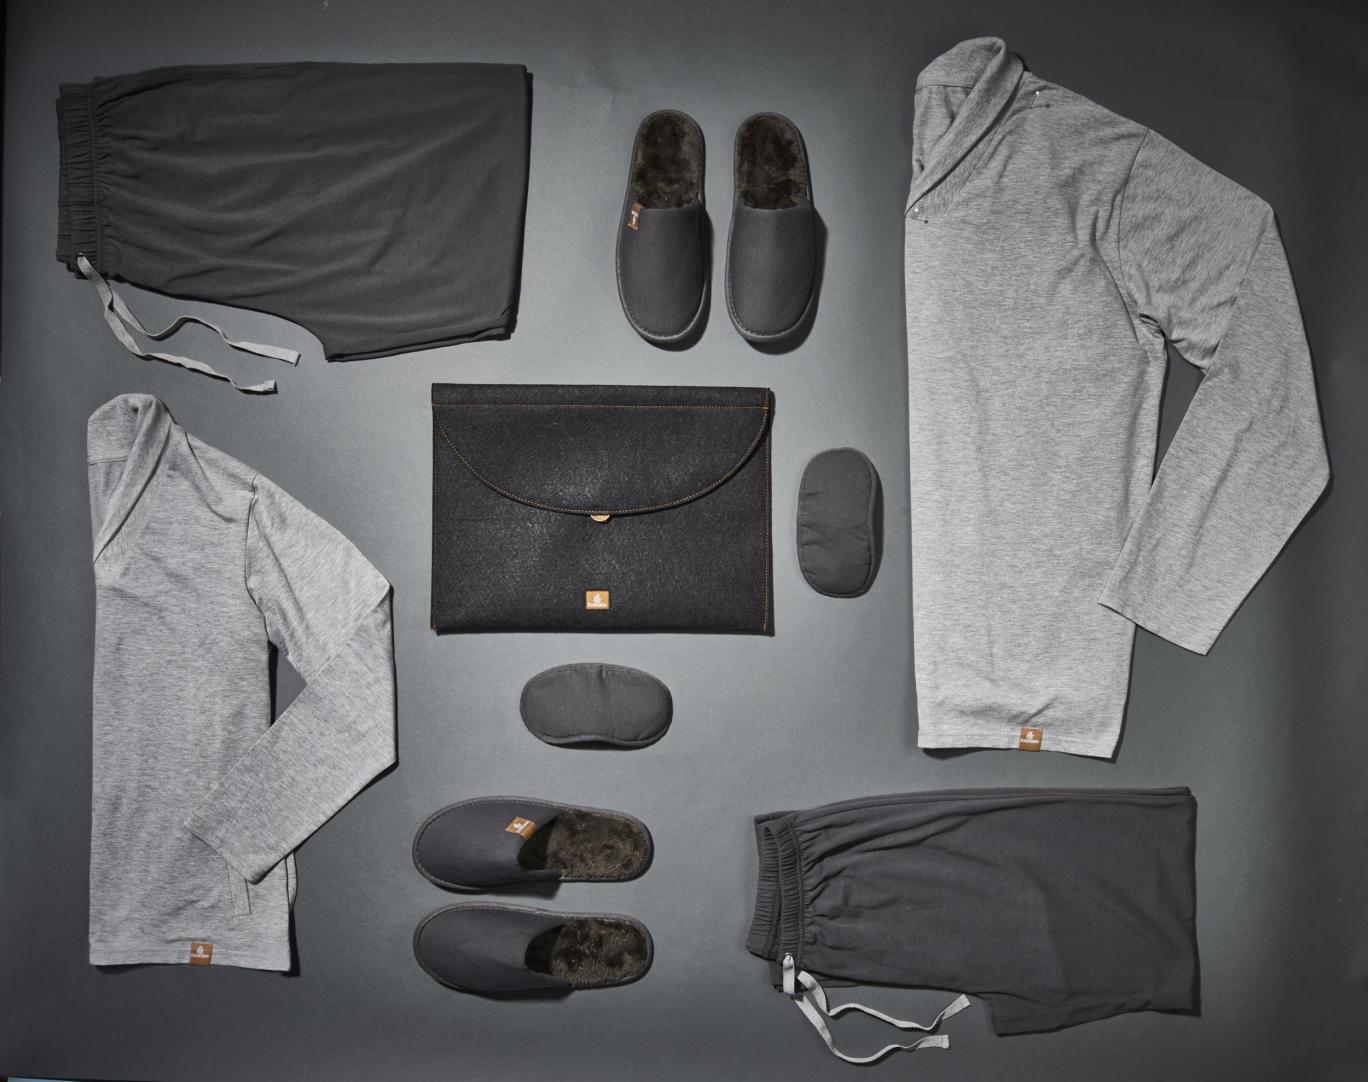 Emirates презентовала увлажняющую пижаму для пассажиров первого класса